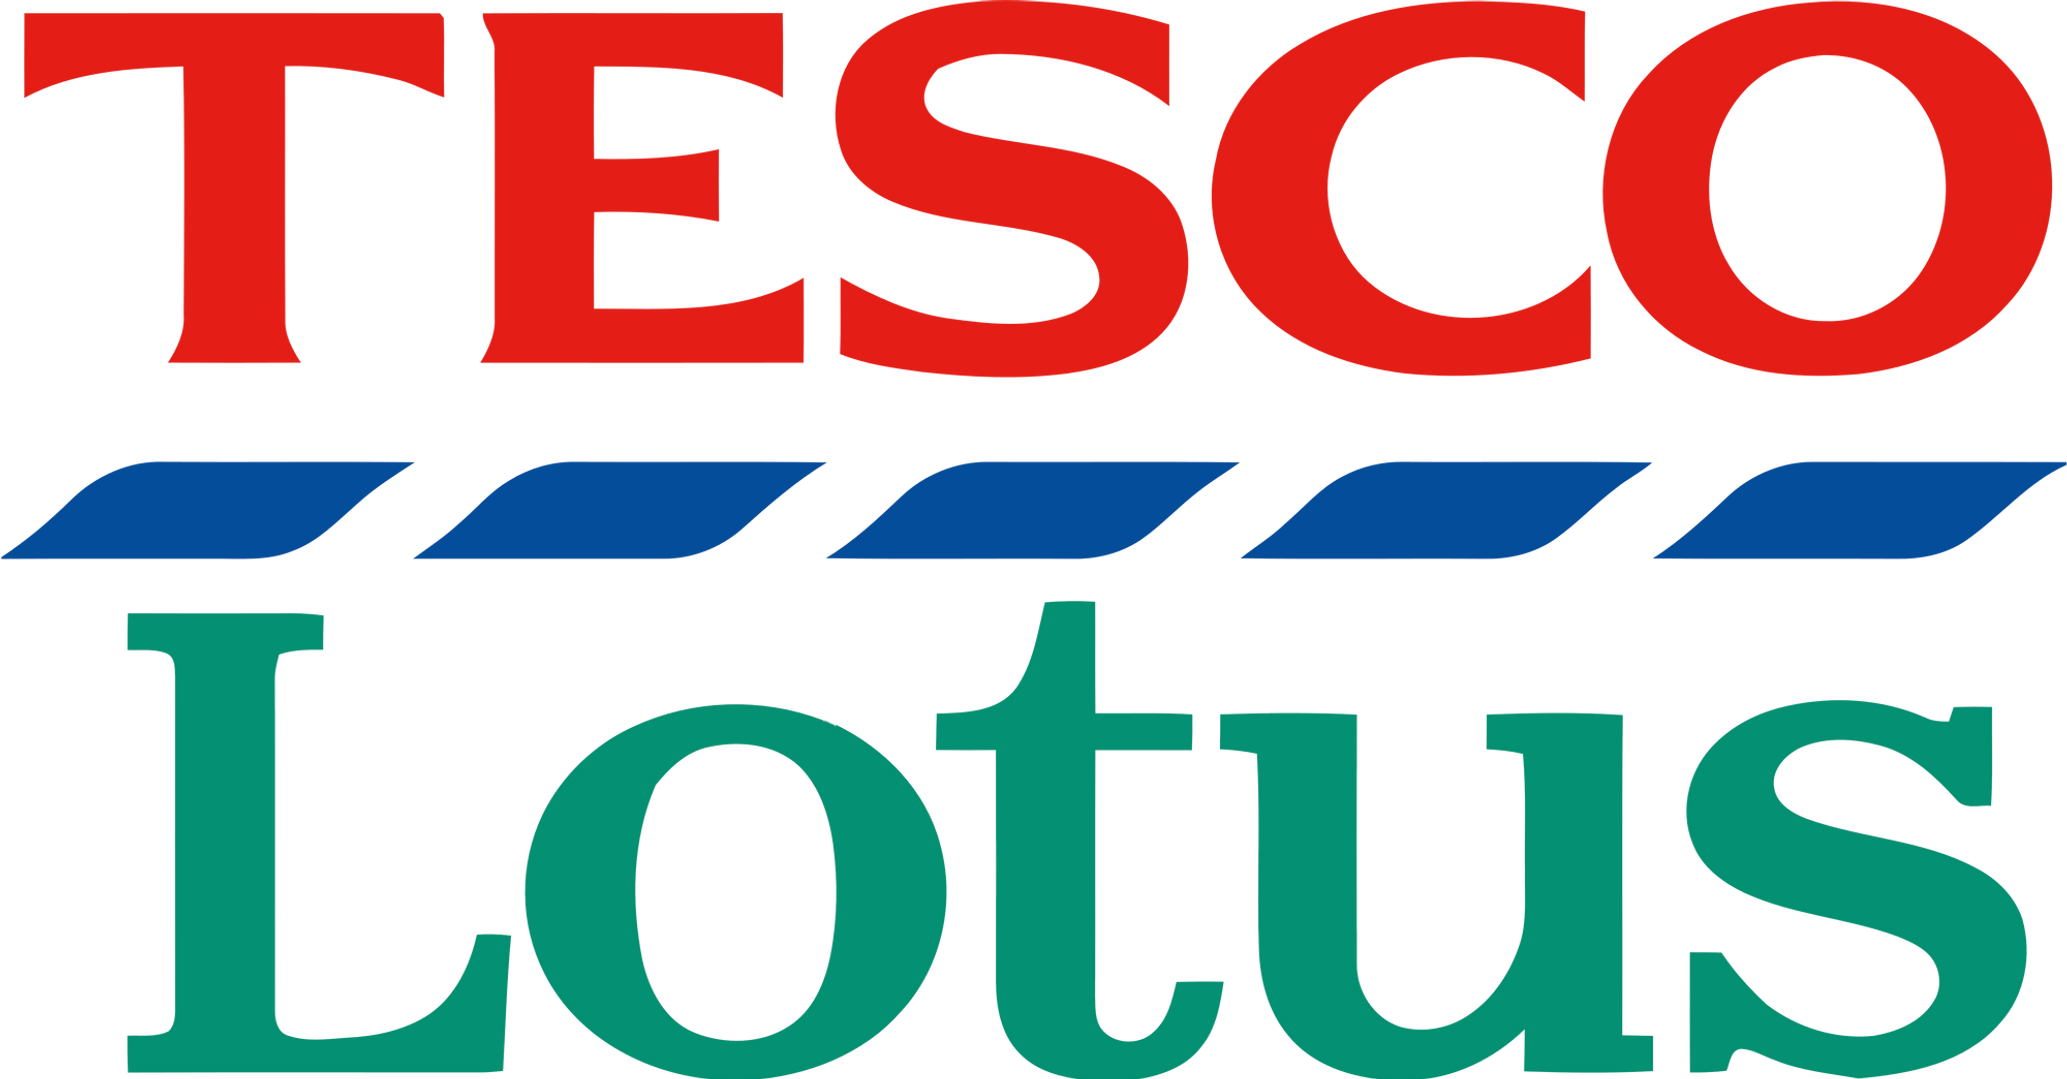 Tesco Lotus logo.png